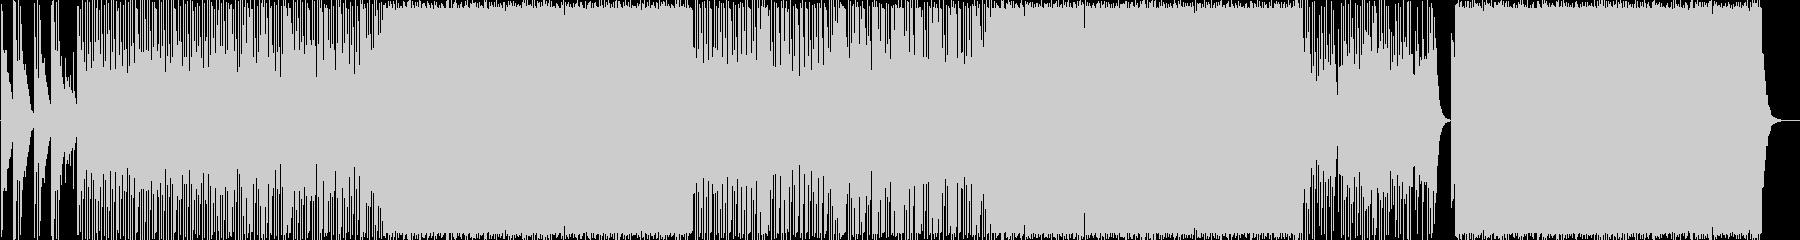 和風/ヒップホップ/和楽器/掛け声/A1の未再生の波形